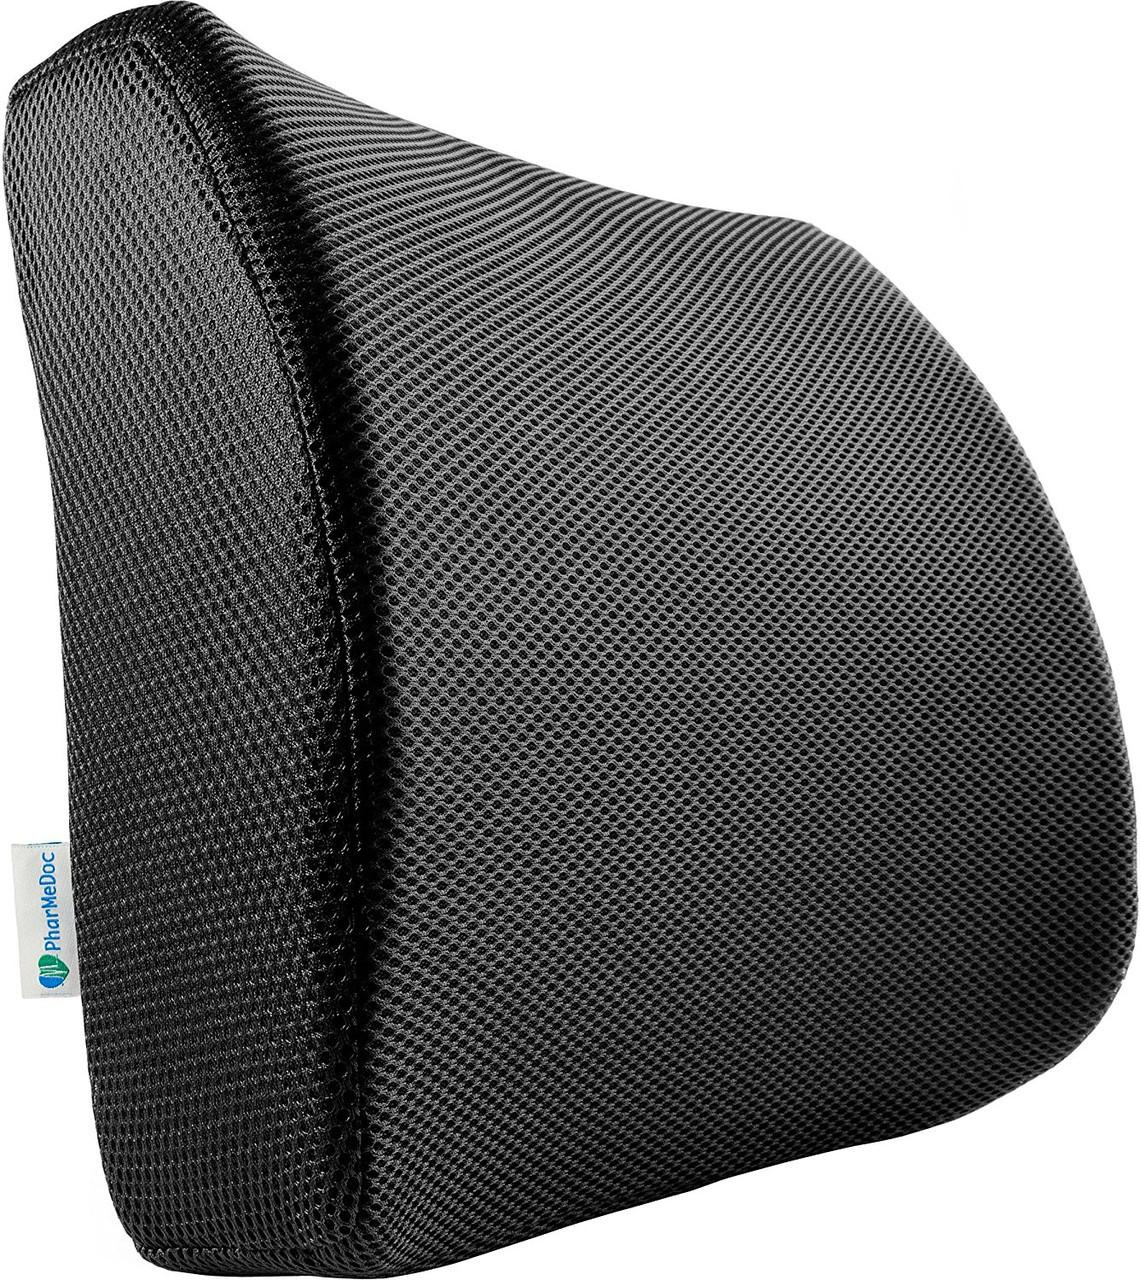 Ортопедическая спинка PharMeDoc на стул для поясничной поддержки для дома, офиса, автомобиля, черная